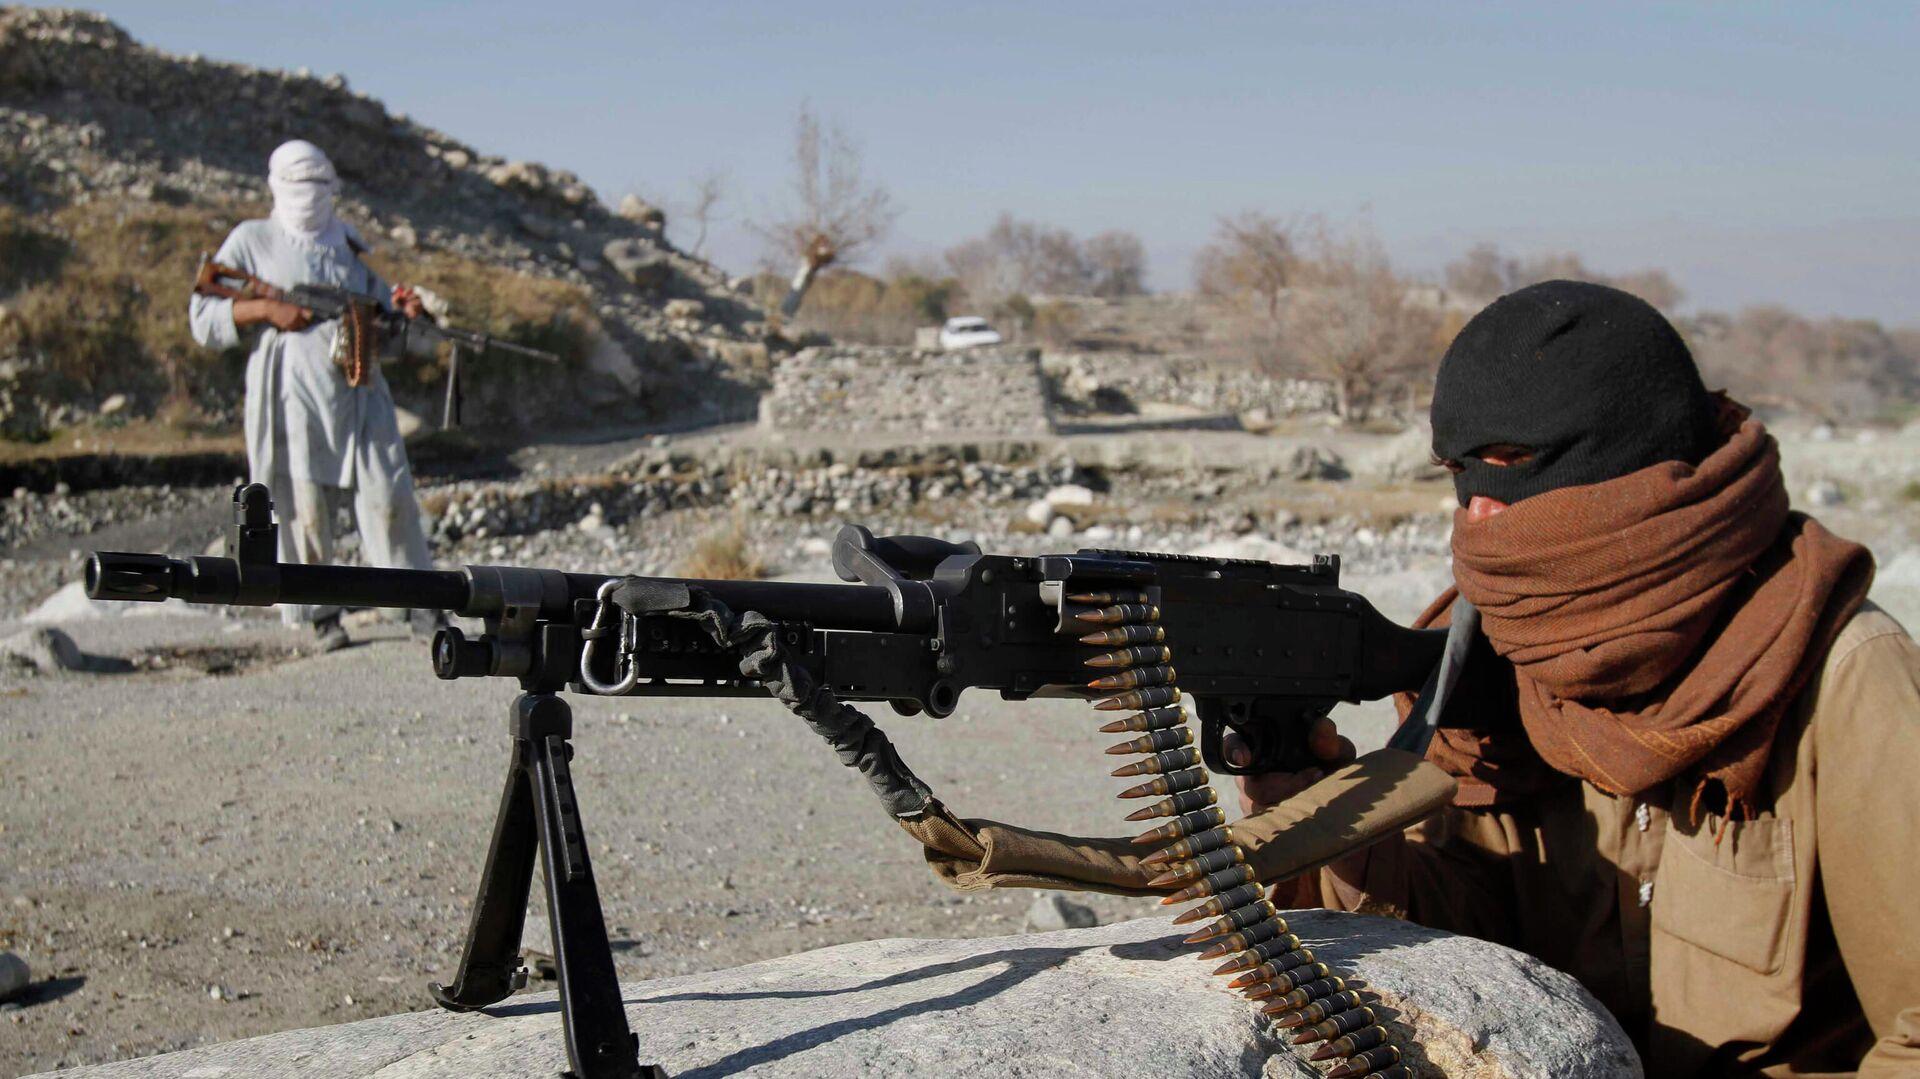 Bojovníci radikálního hnutí Tálibán v Afghánistánu - Sputnik Česká republika, 1920, 11.07.2021